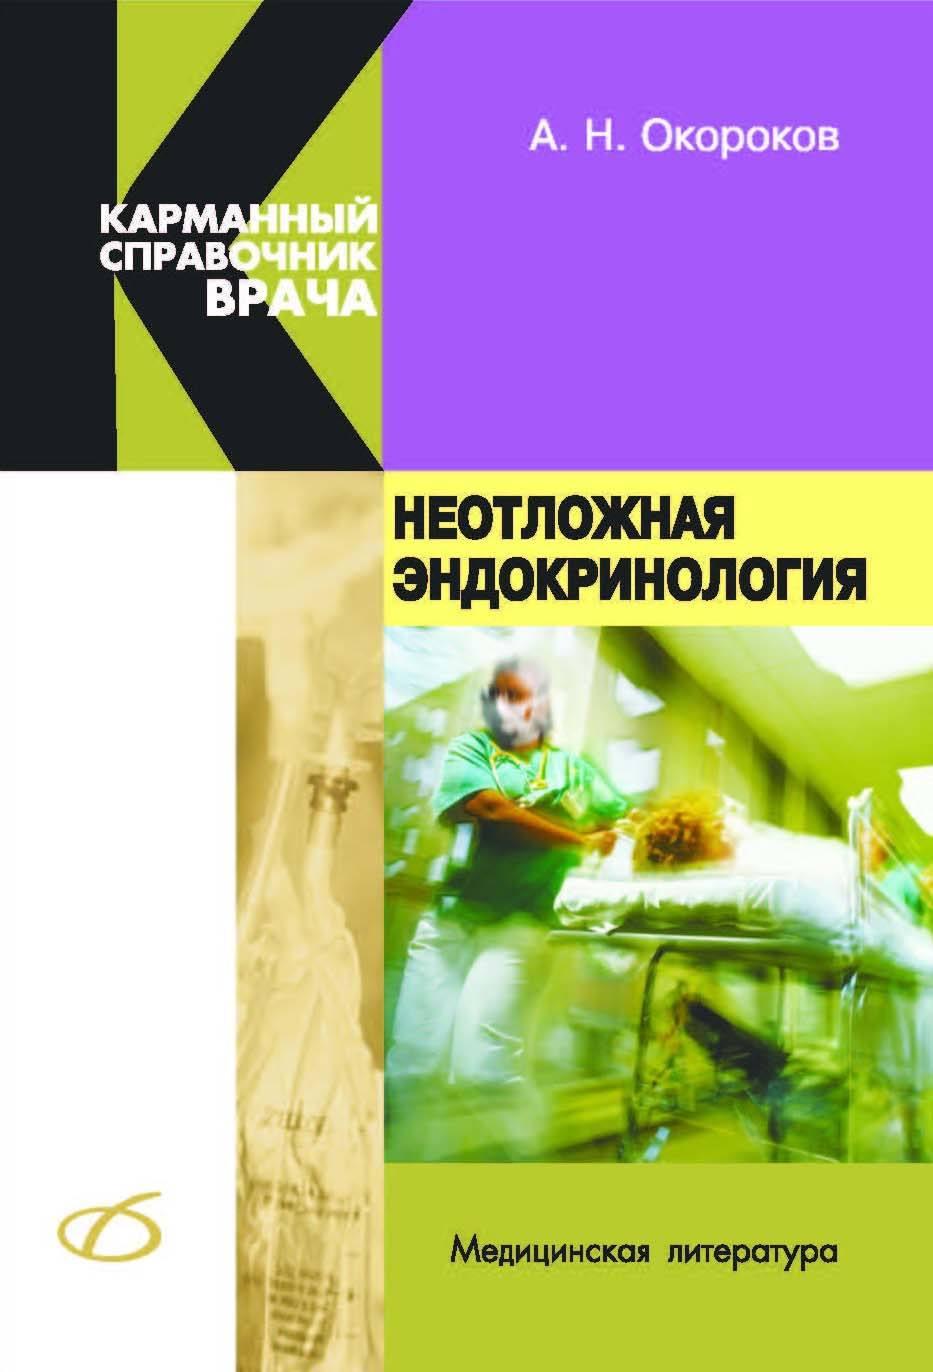 А. Н. Окороков. Неотложная эндокринология